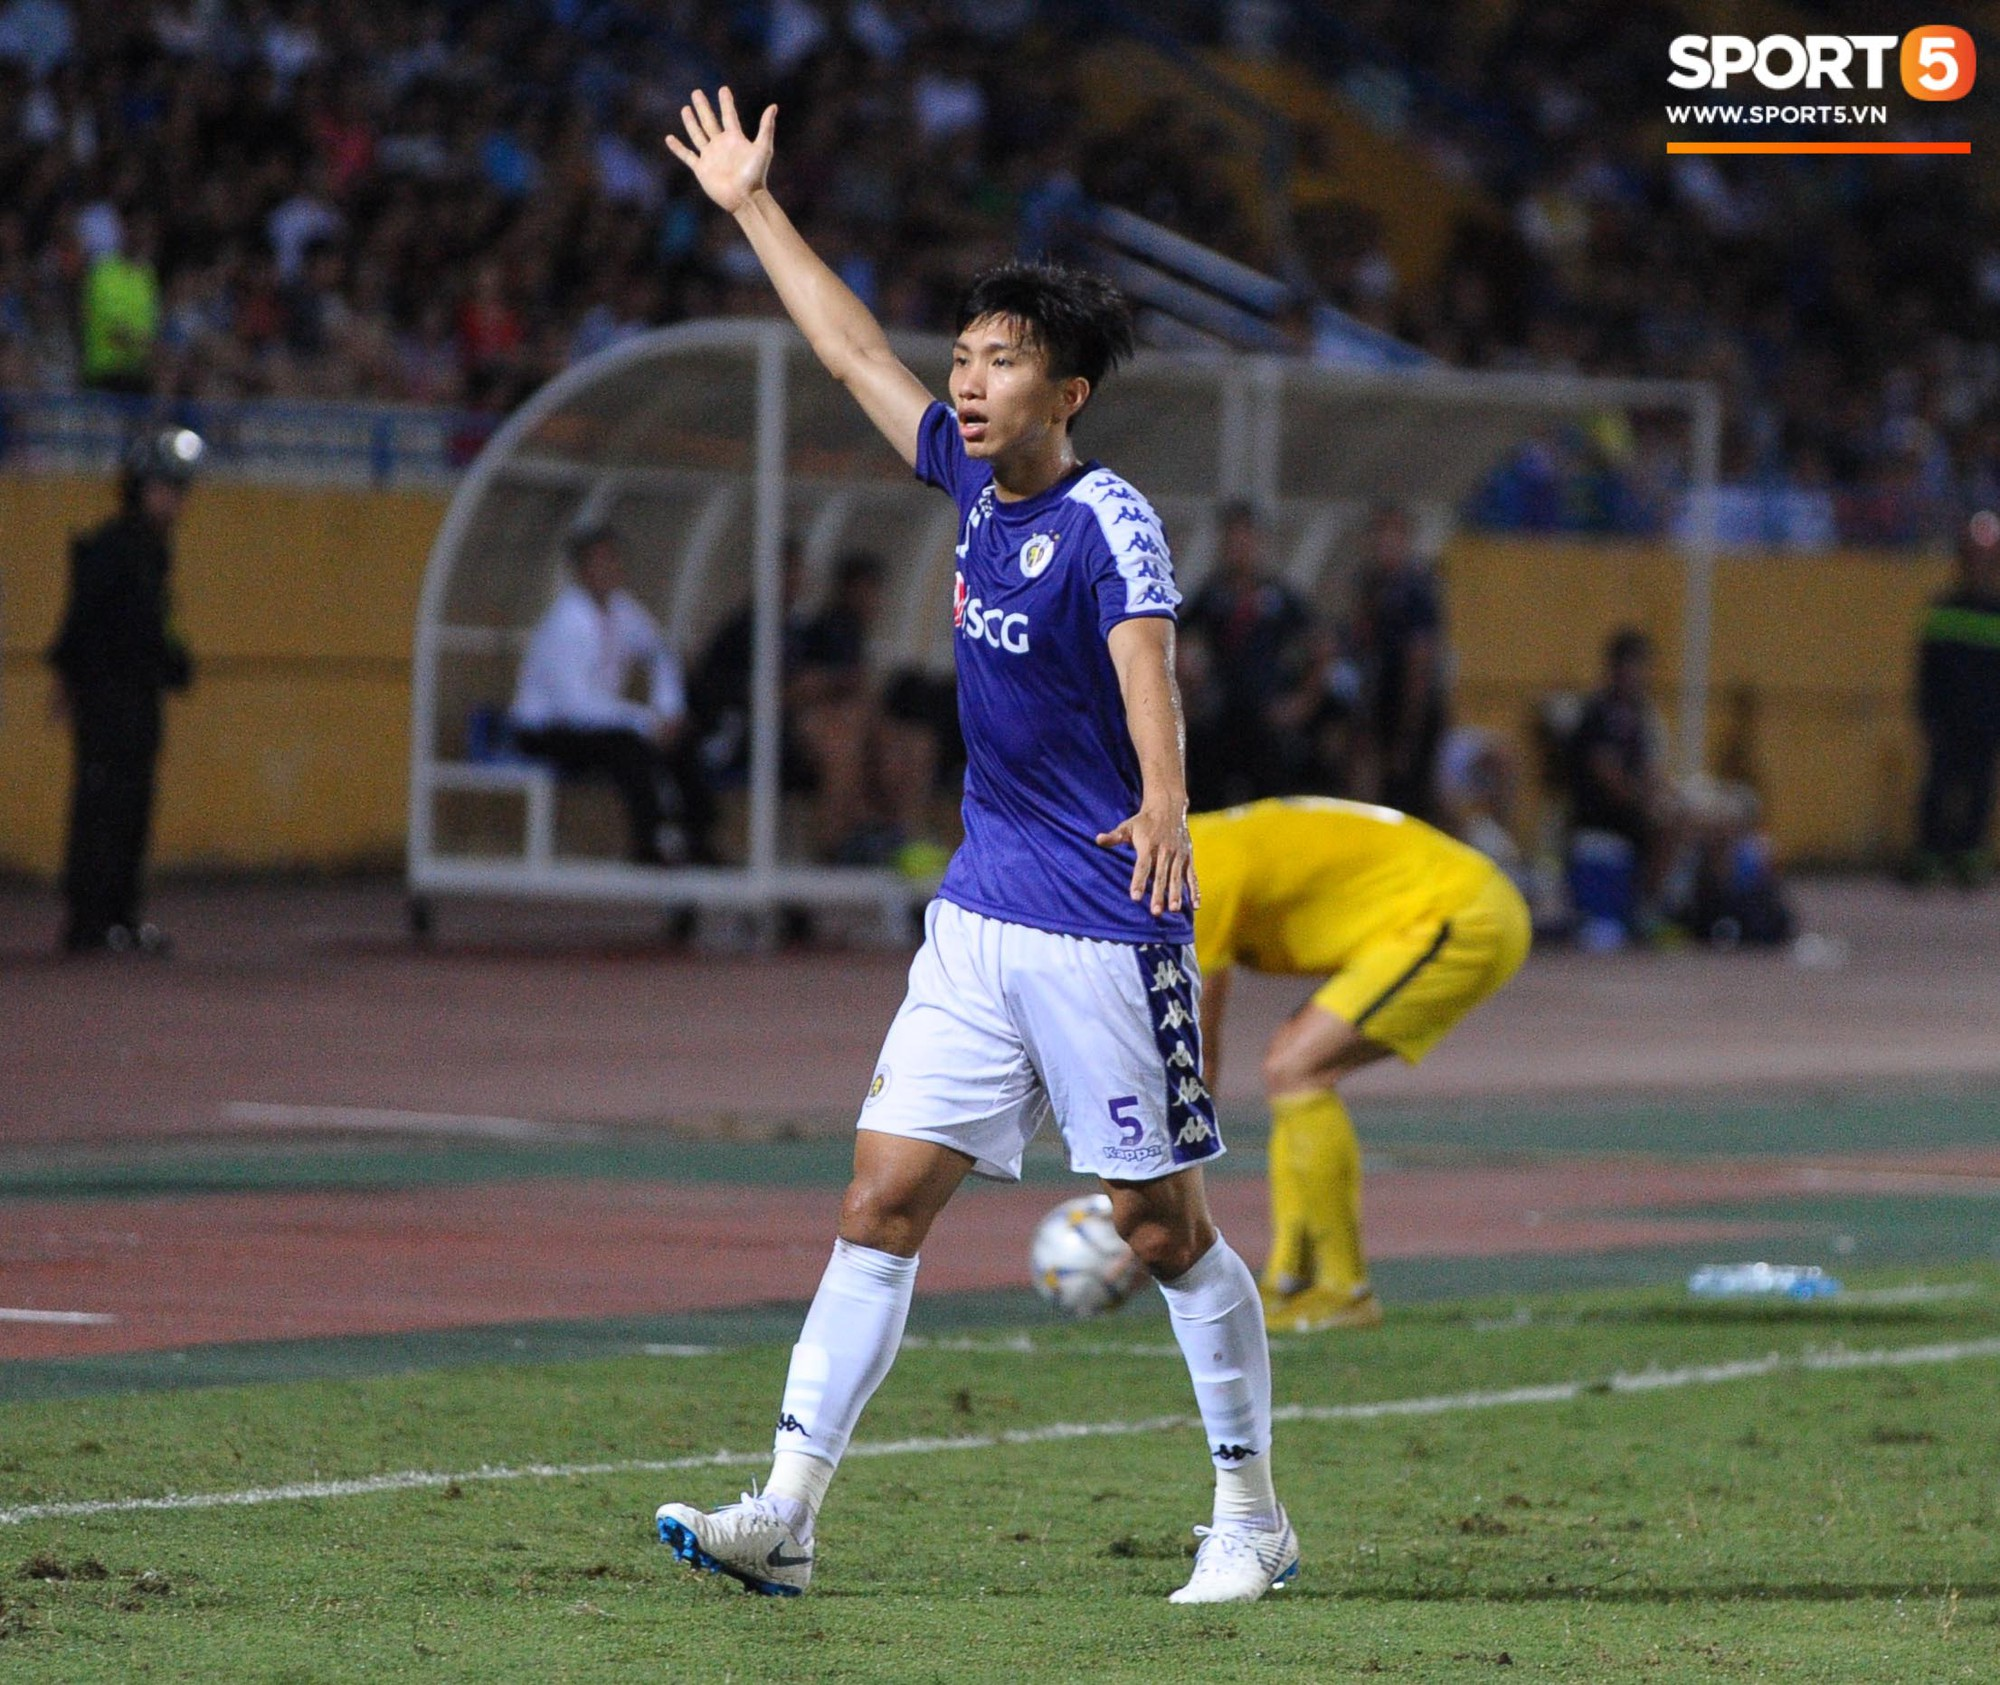 Trước tin đồn đến châu Âu thi đấu, Đoàn Văn Hậu vẫn nỗ lực hết mình vì Hà Nội FC-6